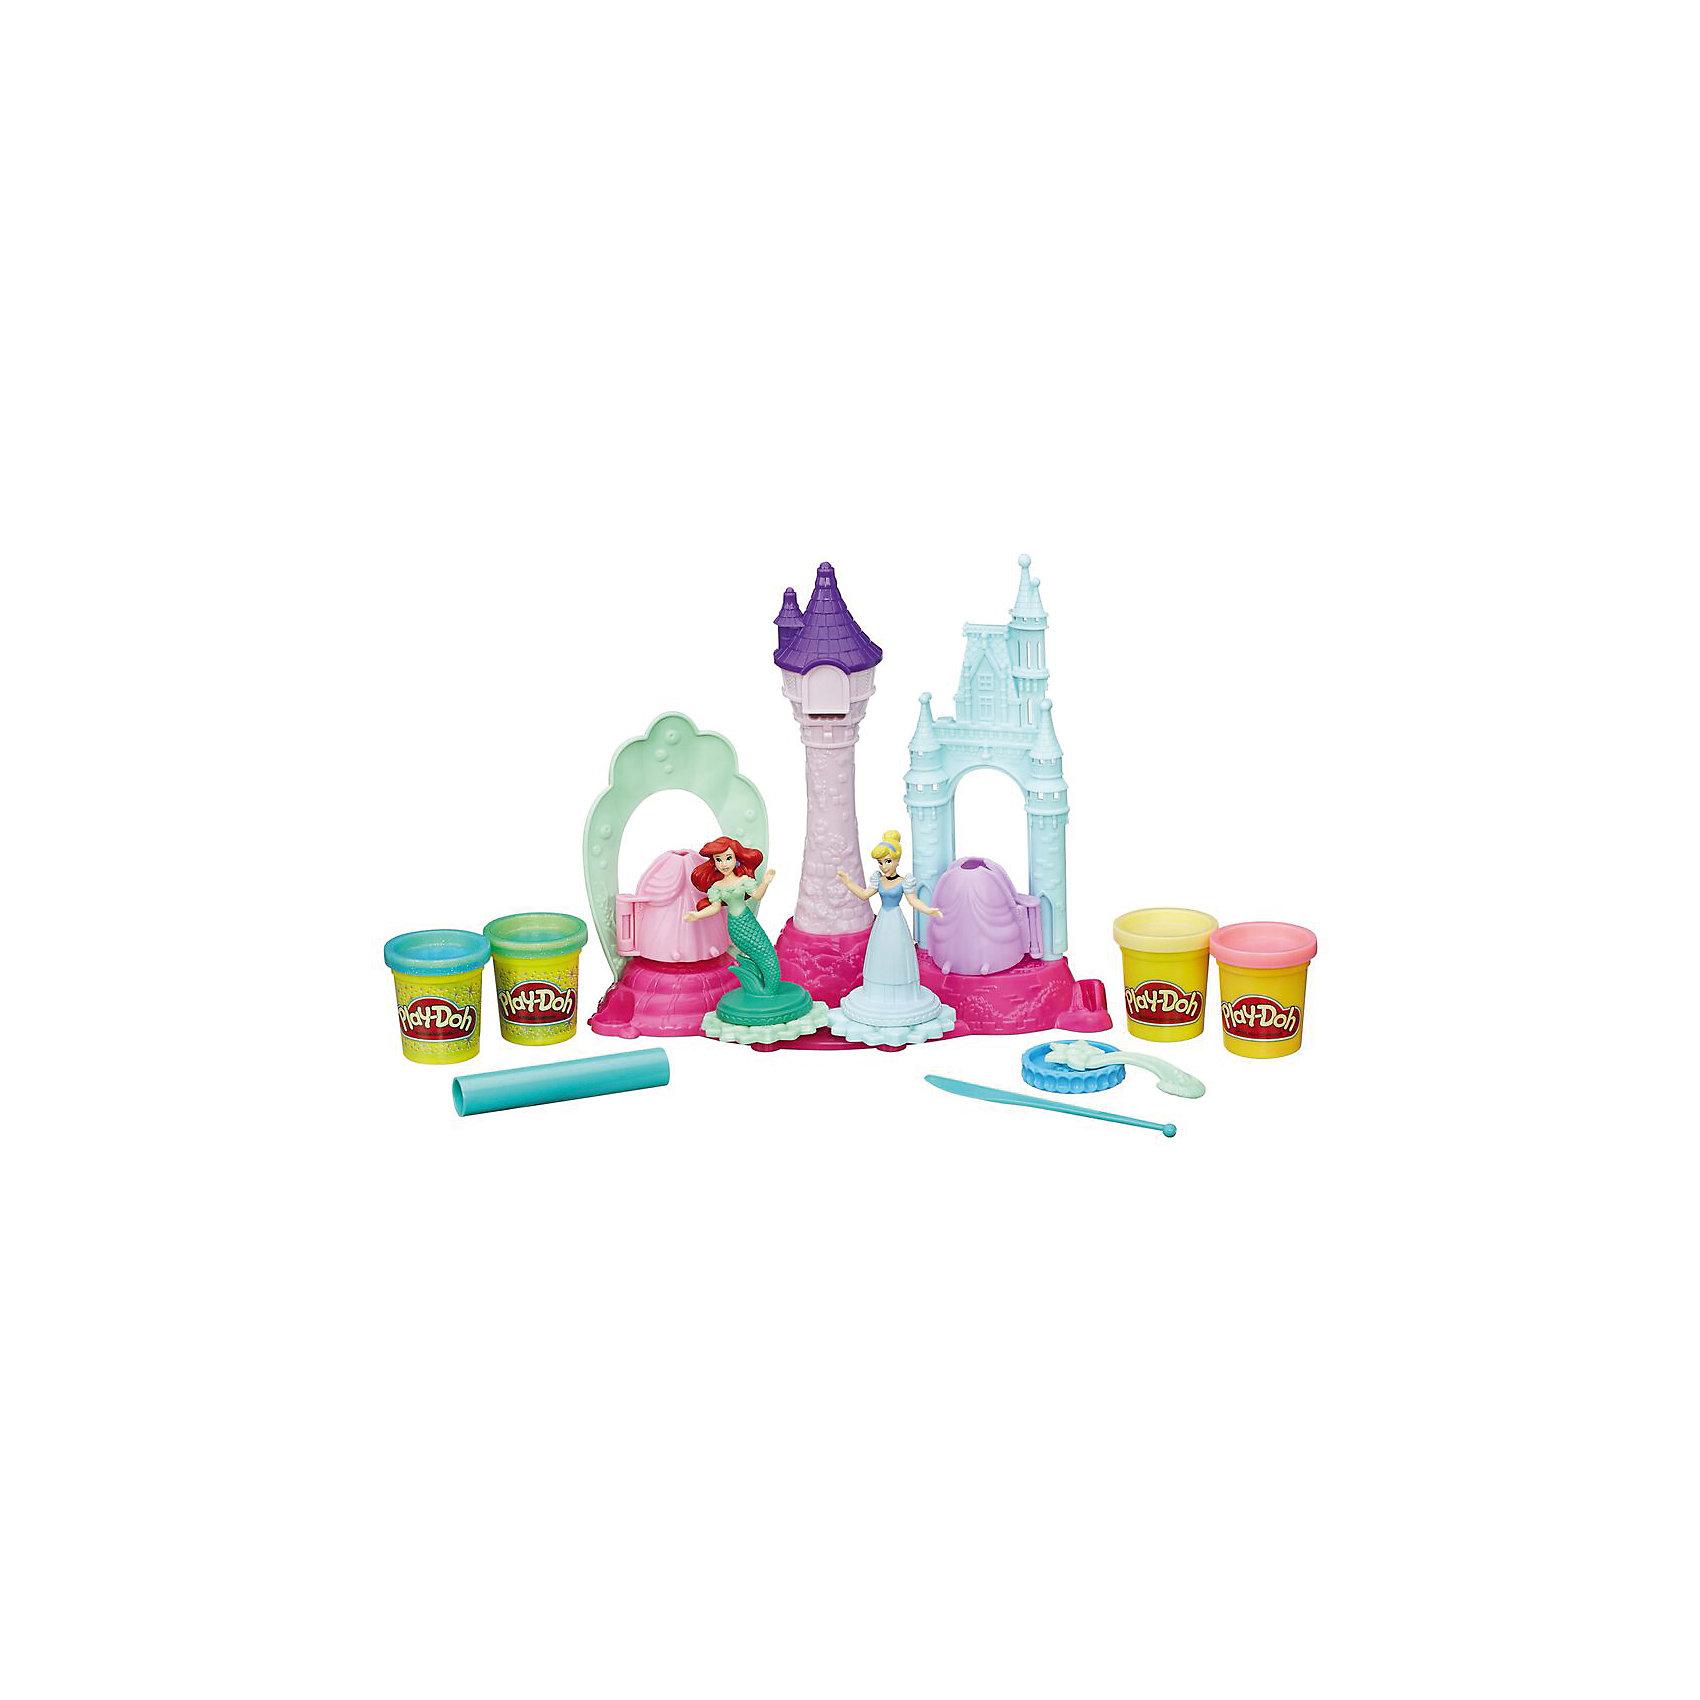 Hasbro Игровой набор Замок принцесс, Play-Doh игровой набор с пластилином play doh a7401 праздничный торт